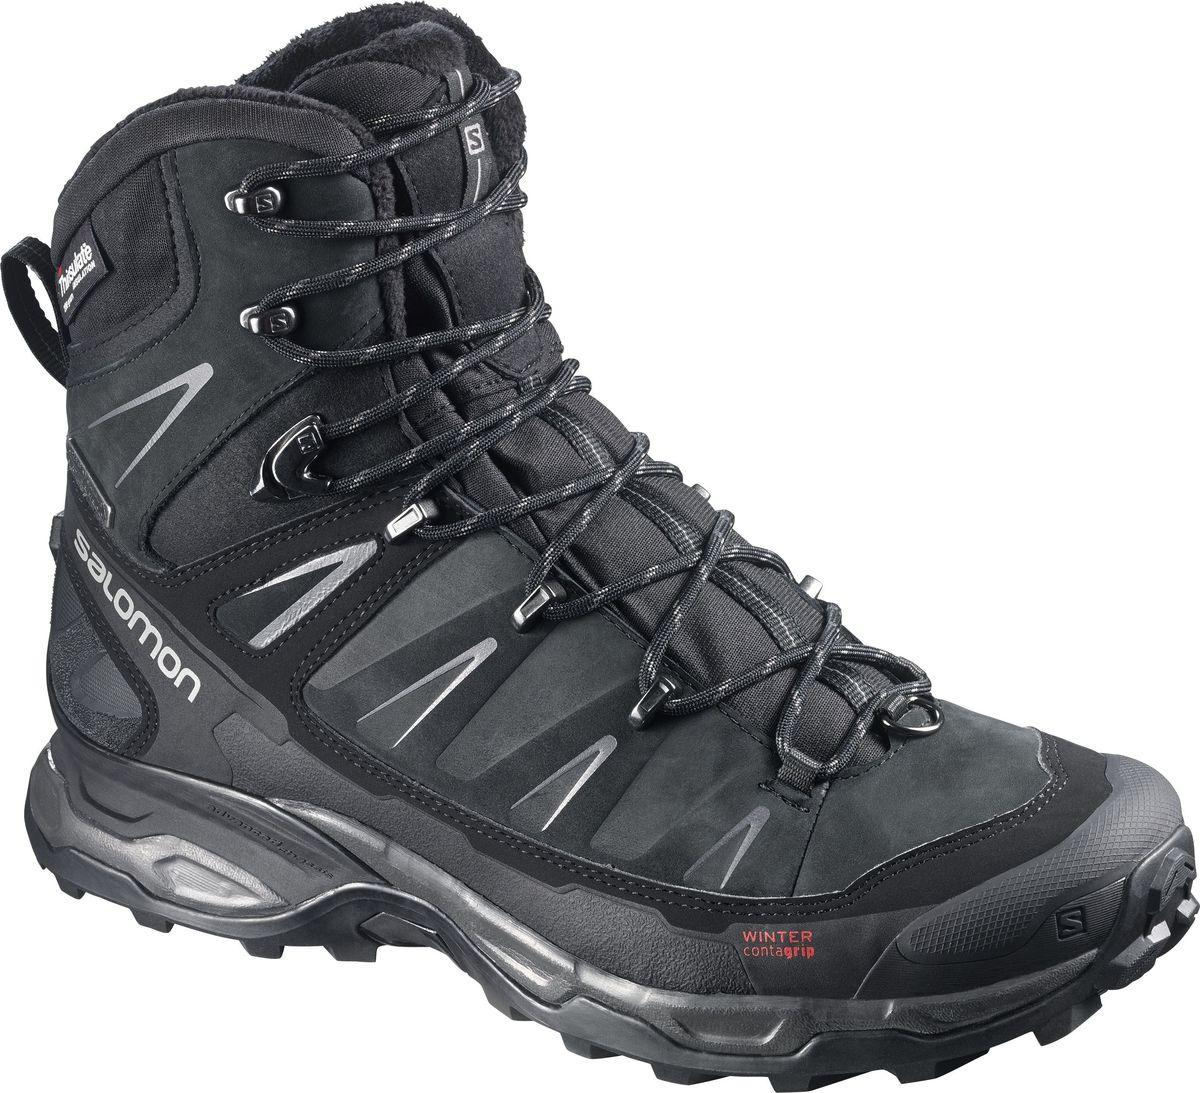 Ботинки мужские Salomon X Ultra Winter CS WP, цвет: черный. L37663500. Размер 9,5 (42,5)L37663500Ботинки X Ultra Winter CS хорошо защищают ноги в зимних условиях, обеспечивая новый уровень удобства посадки и качества. Легкая, поддерживающая стопу промежуточная подошва с шасси Advanced Chassis, непромокаемая конструкция и утеплитель Thinsulate сохранят тепло и сухость, а агрессивный рисунок подошвы подарит уверенность на мокрой, снежной или обледенелой поверхности.